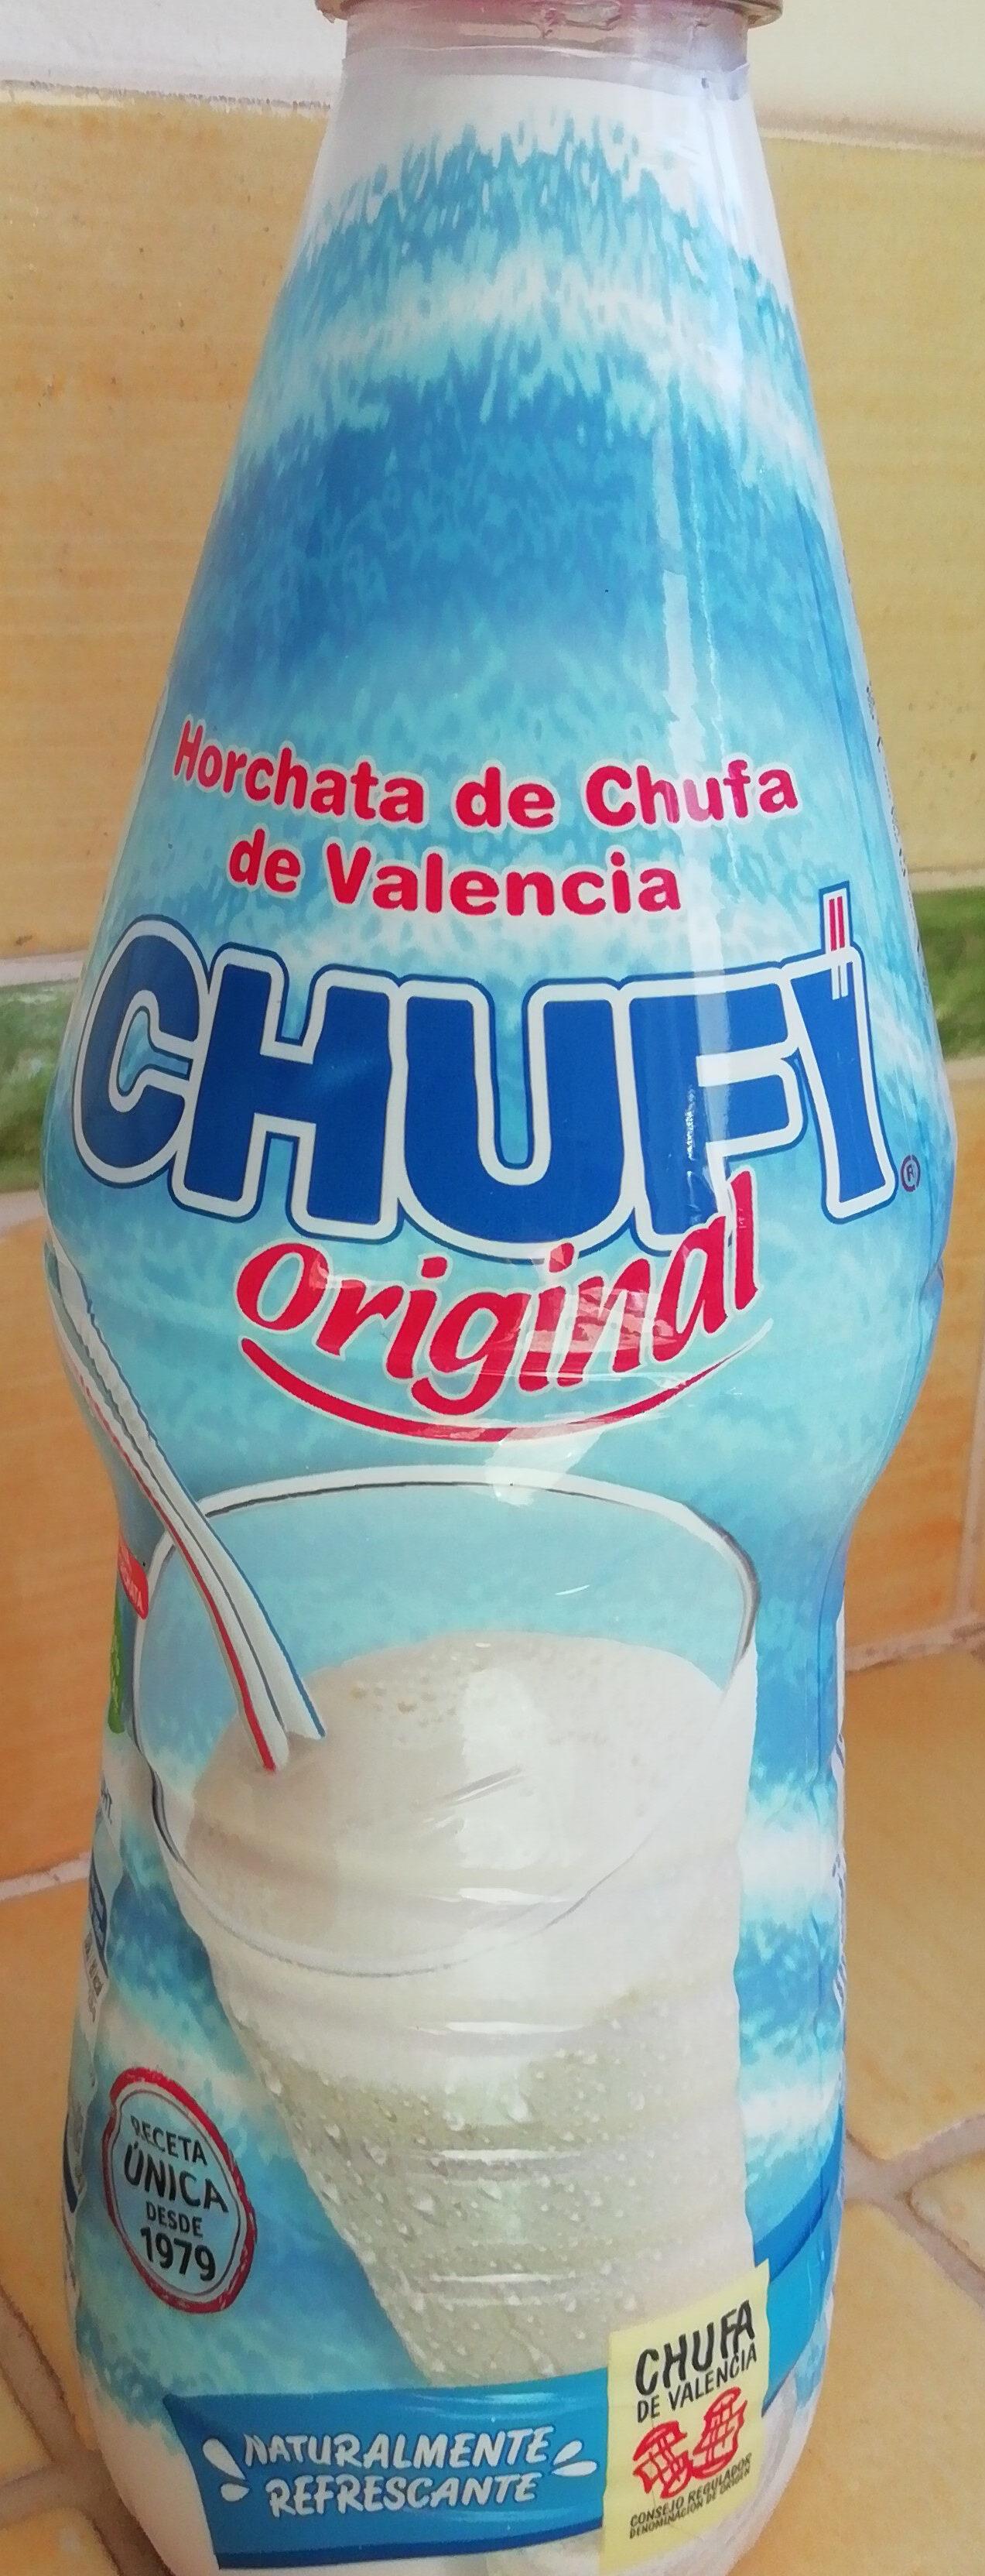 Horchata de chufa original - Producte - es